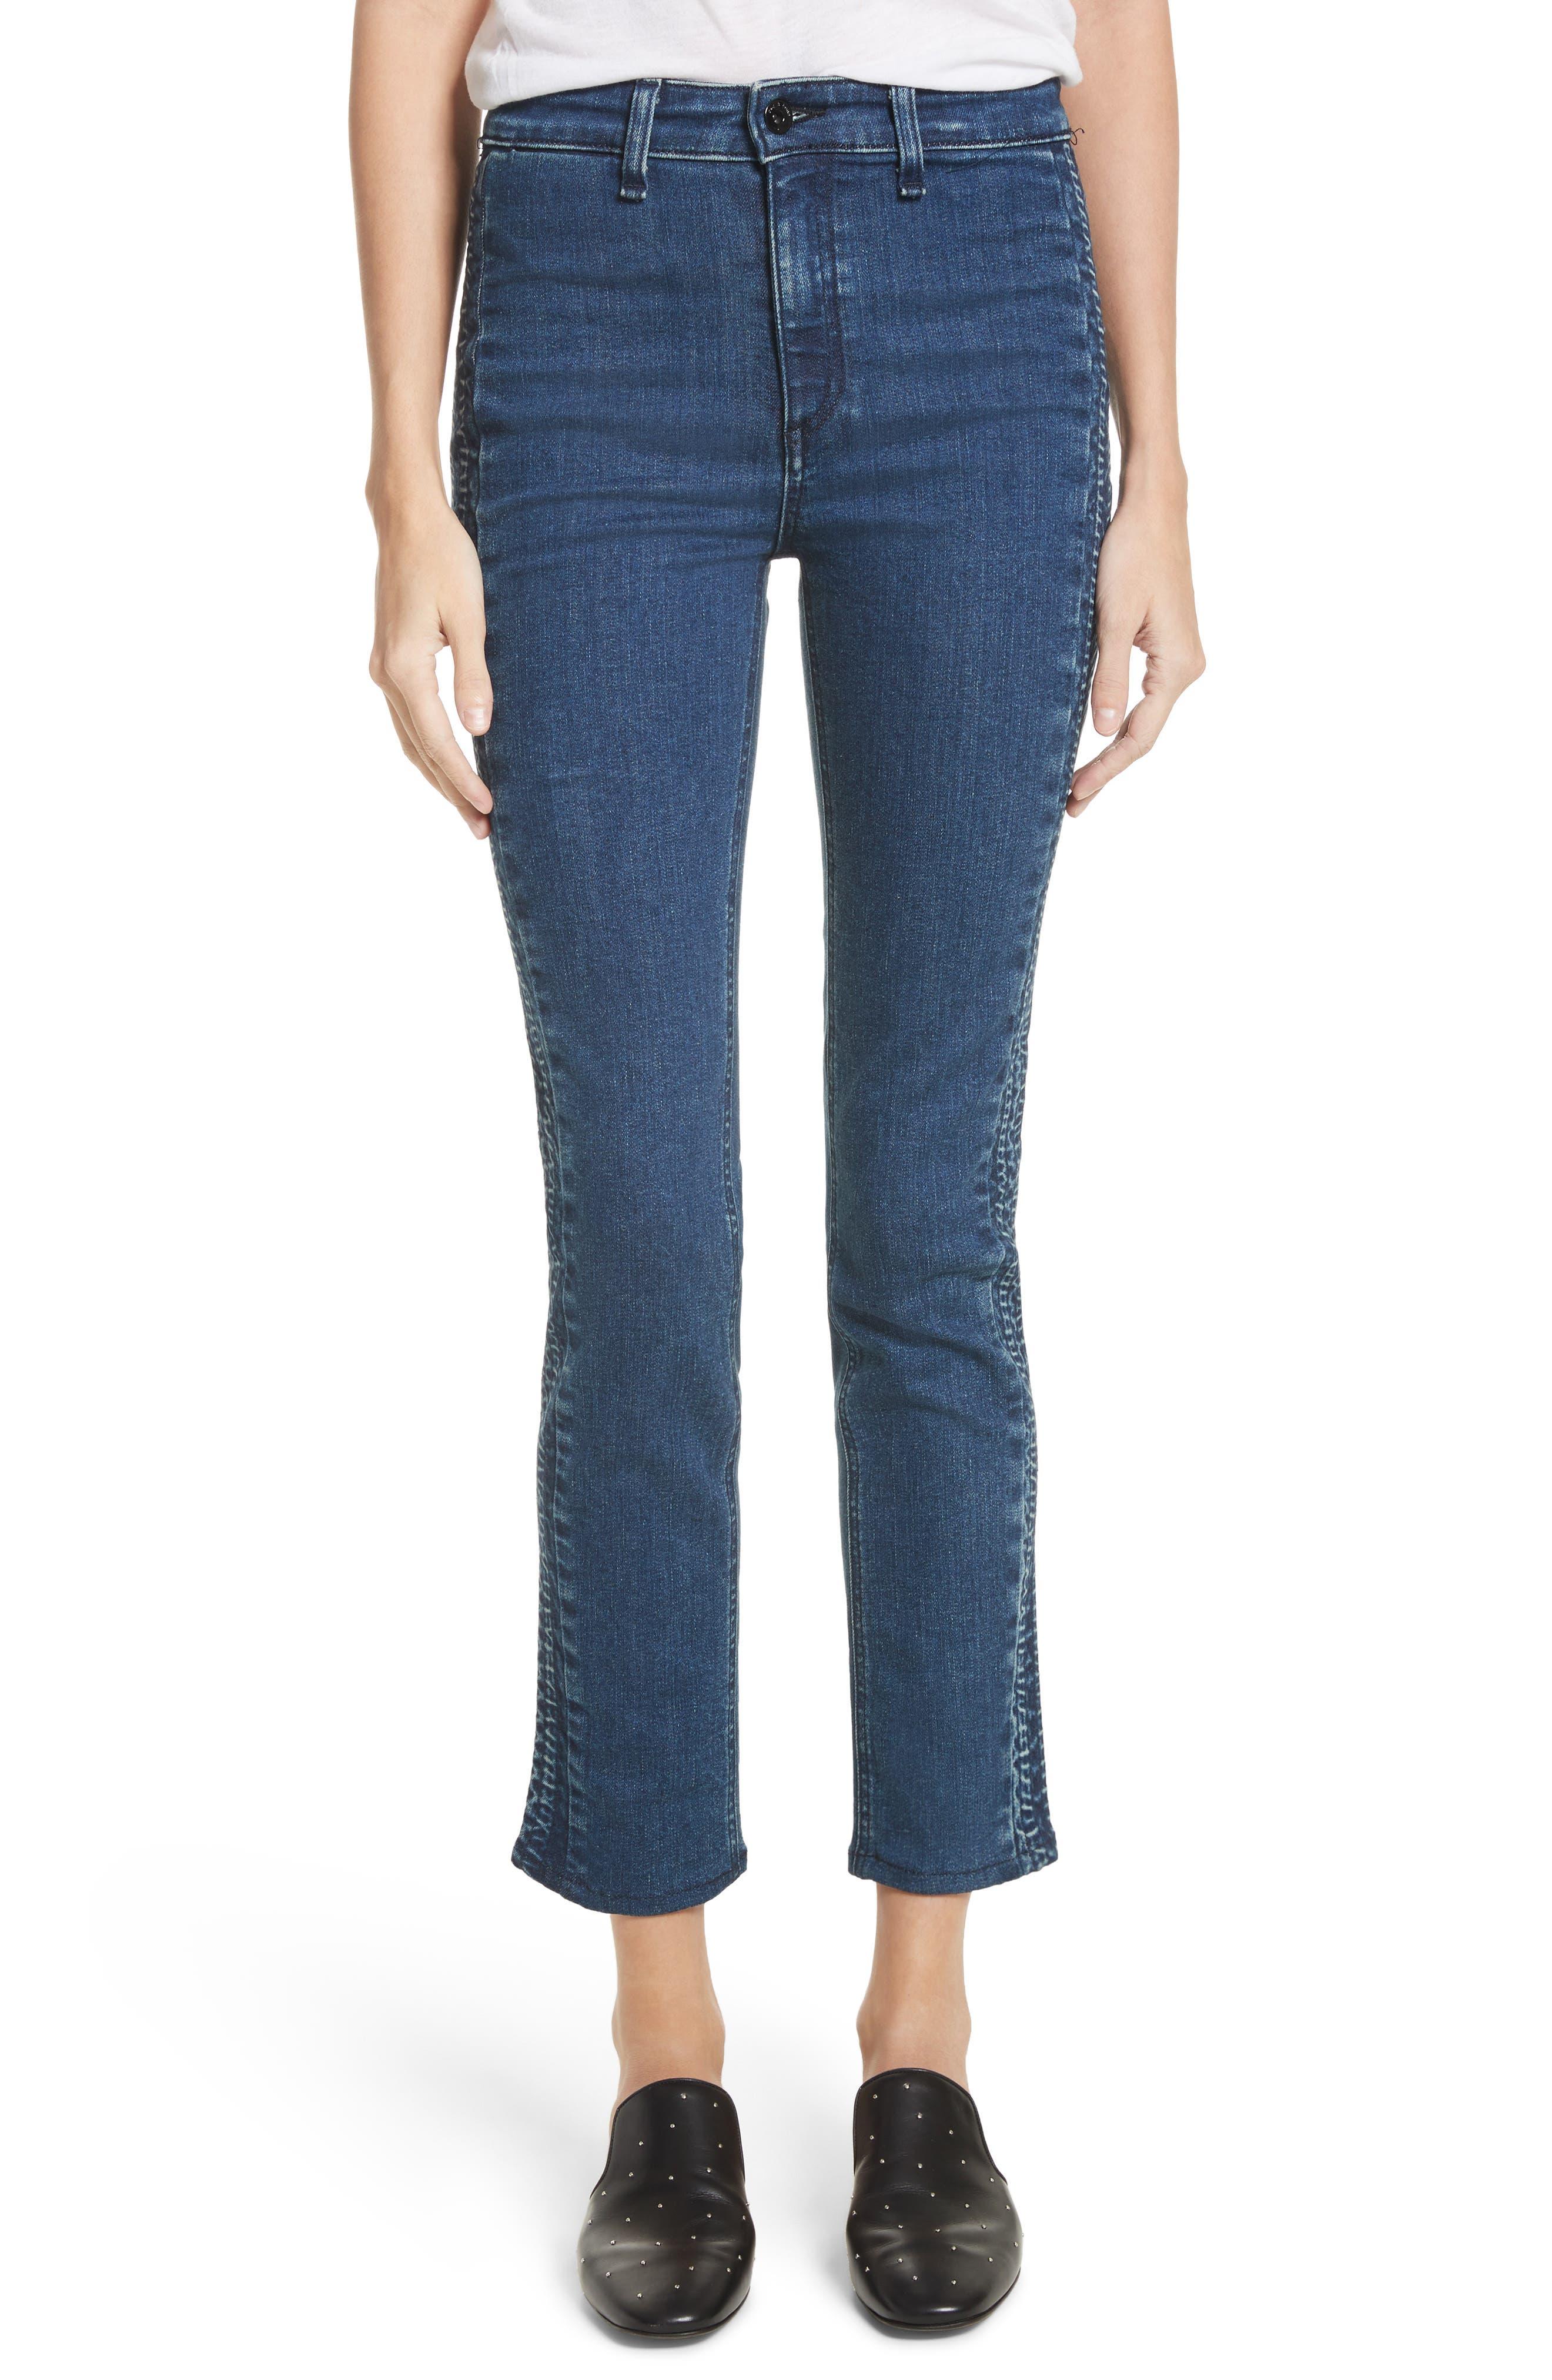 Ranata Tuxedo Cigarette Jeans,                         Main,                         color, Le Ray